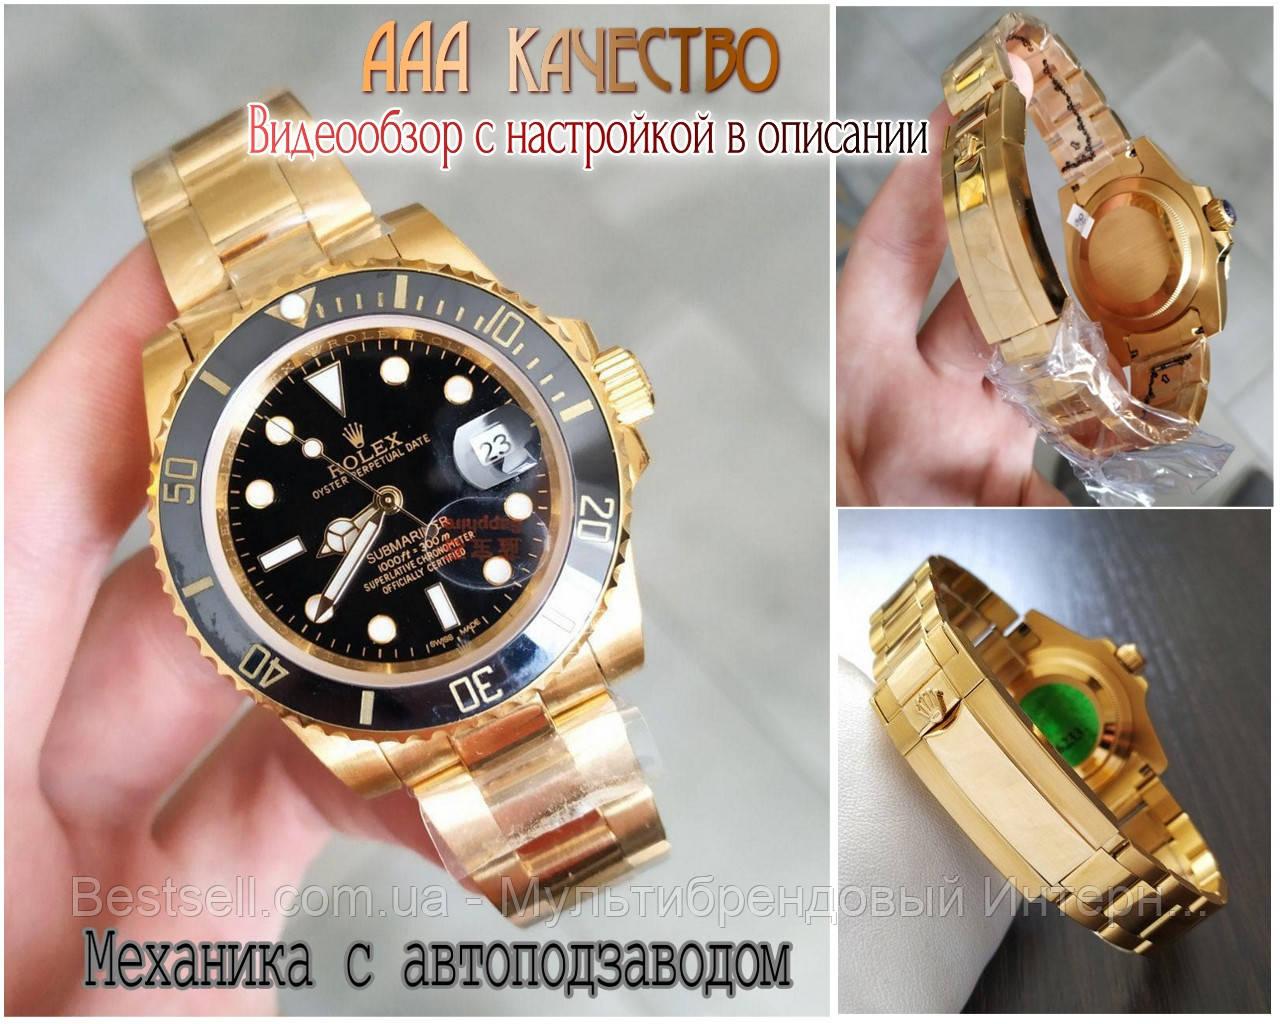 Часы мужские наручные механические с автоподзаводом Rolex Submariner AAA Date Gold-Black реплика ААА класса